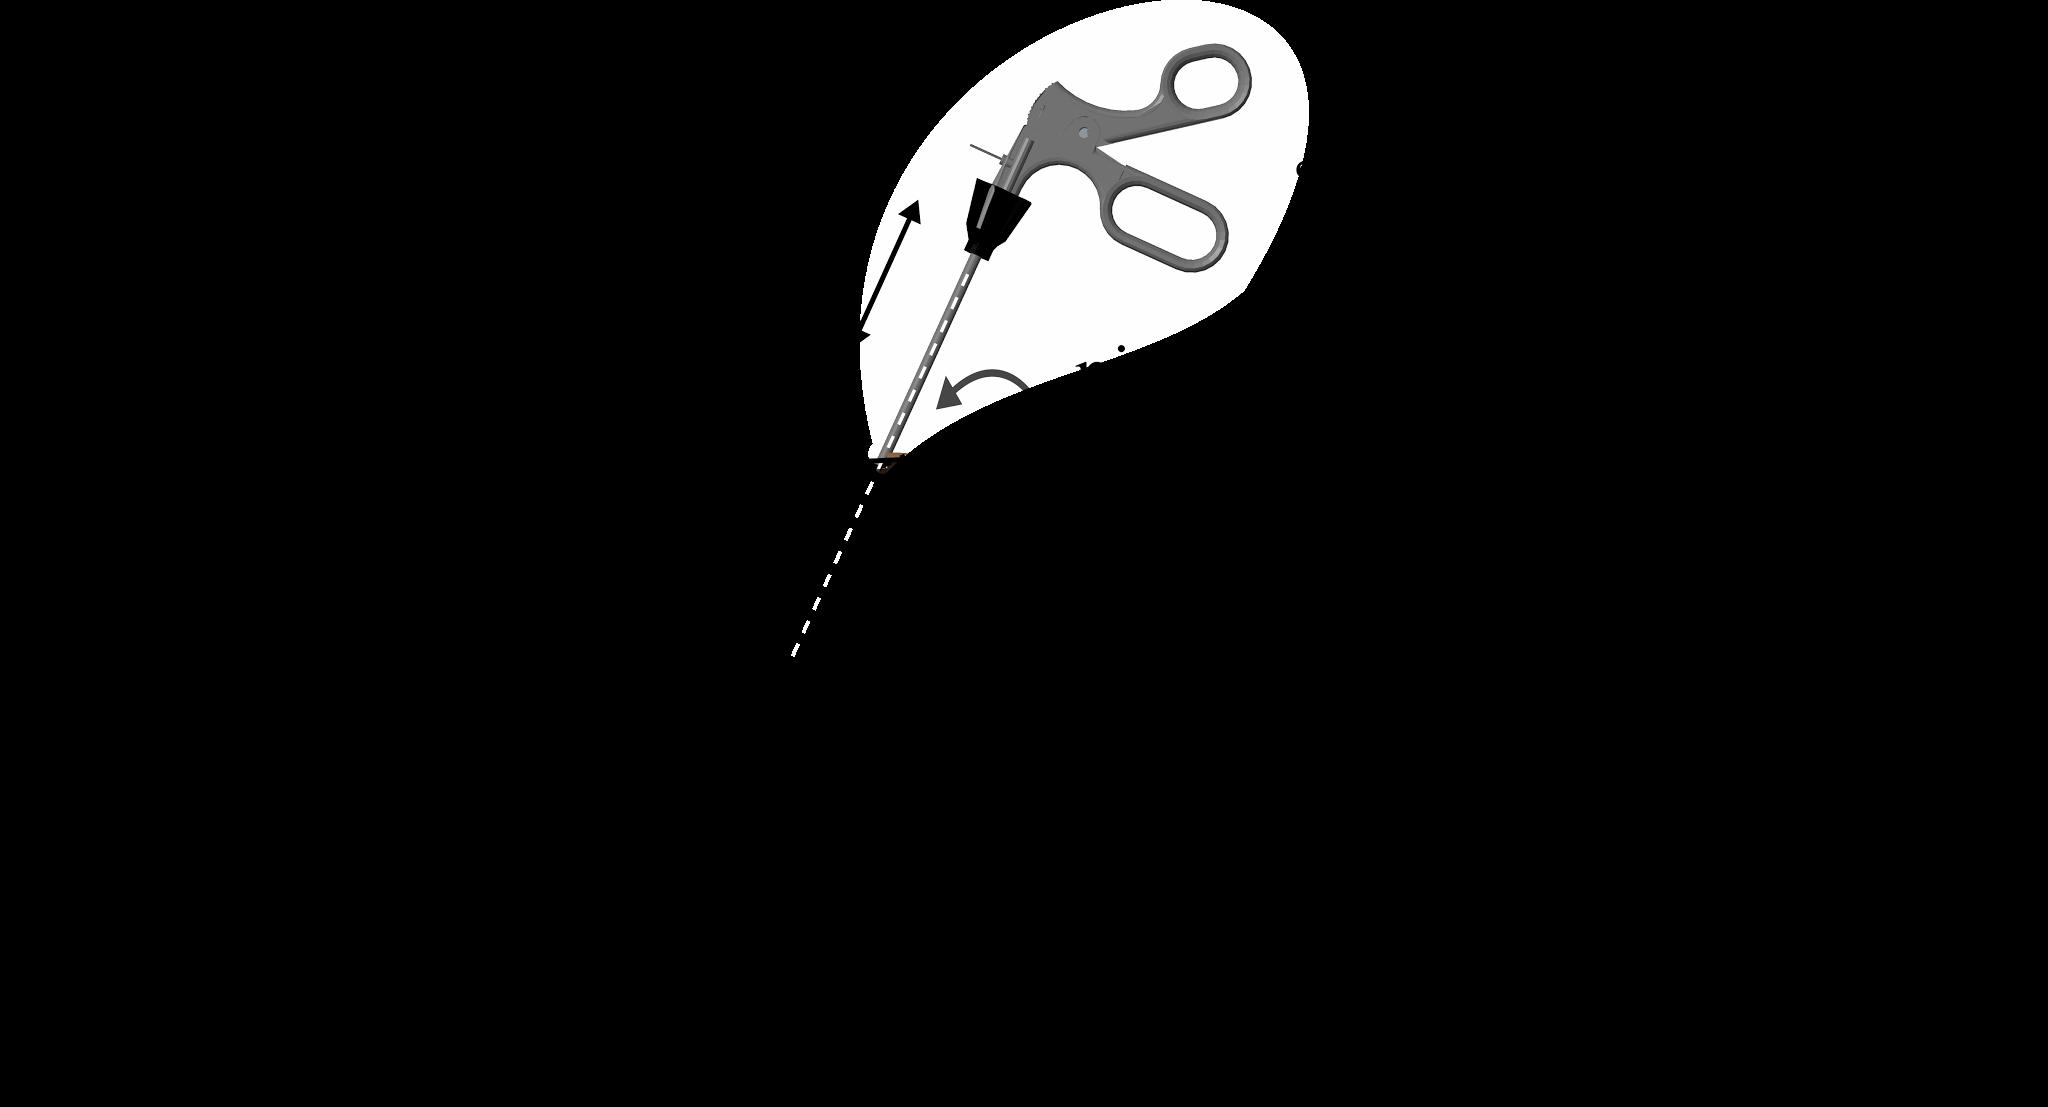 Multi-rotor UAV